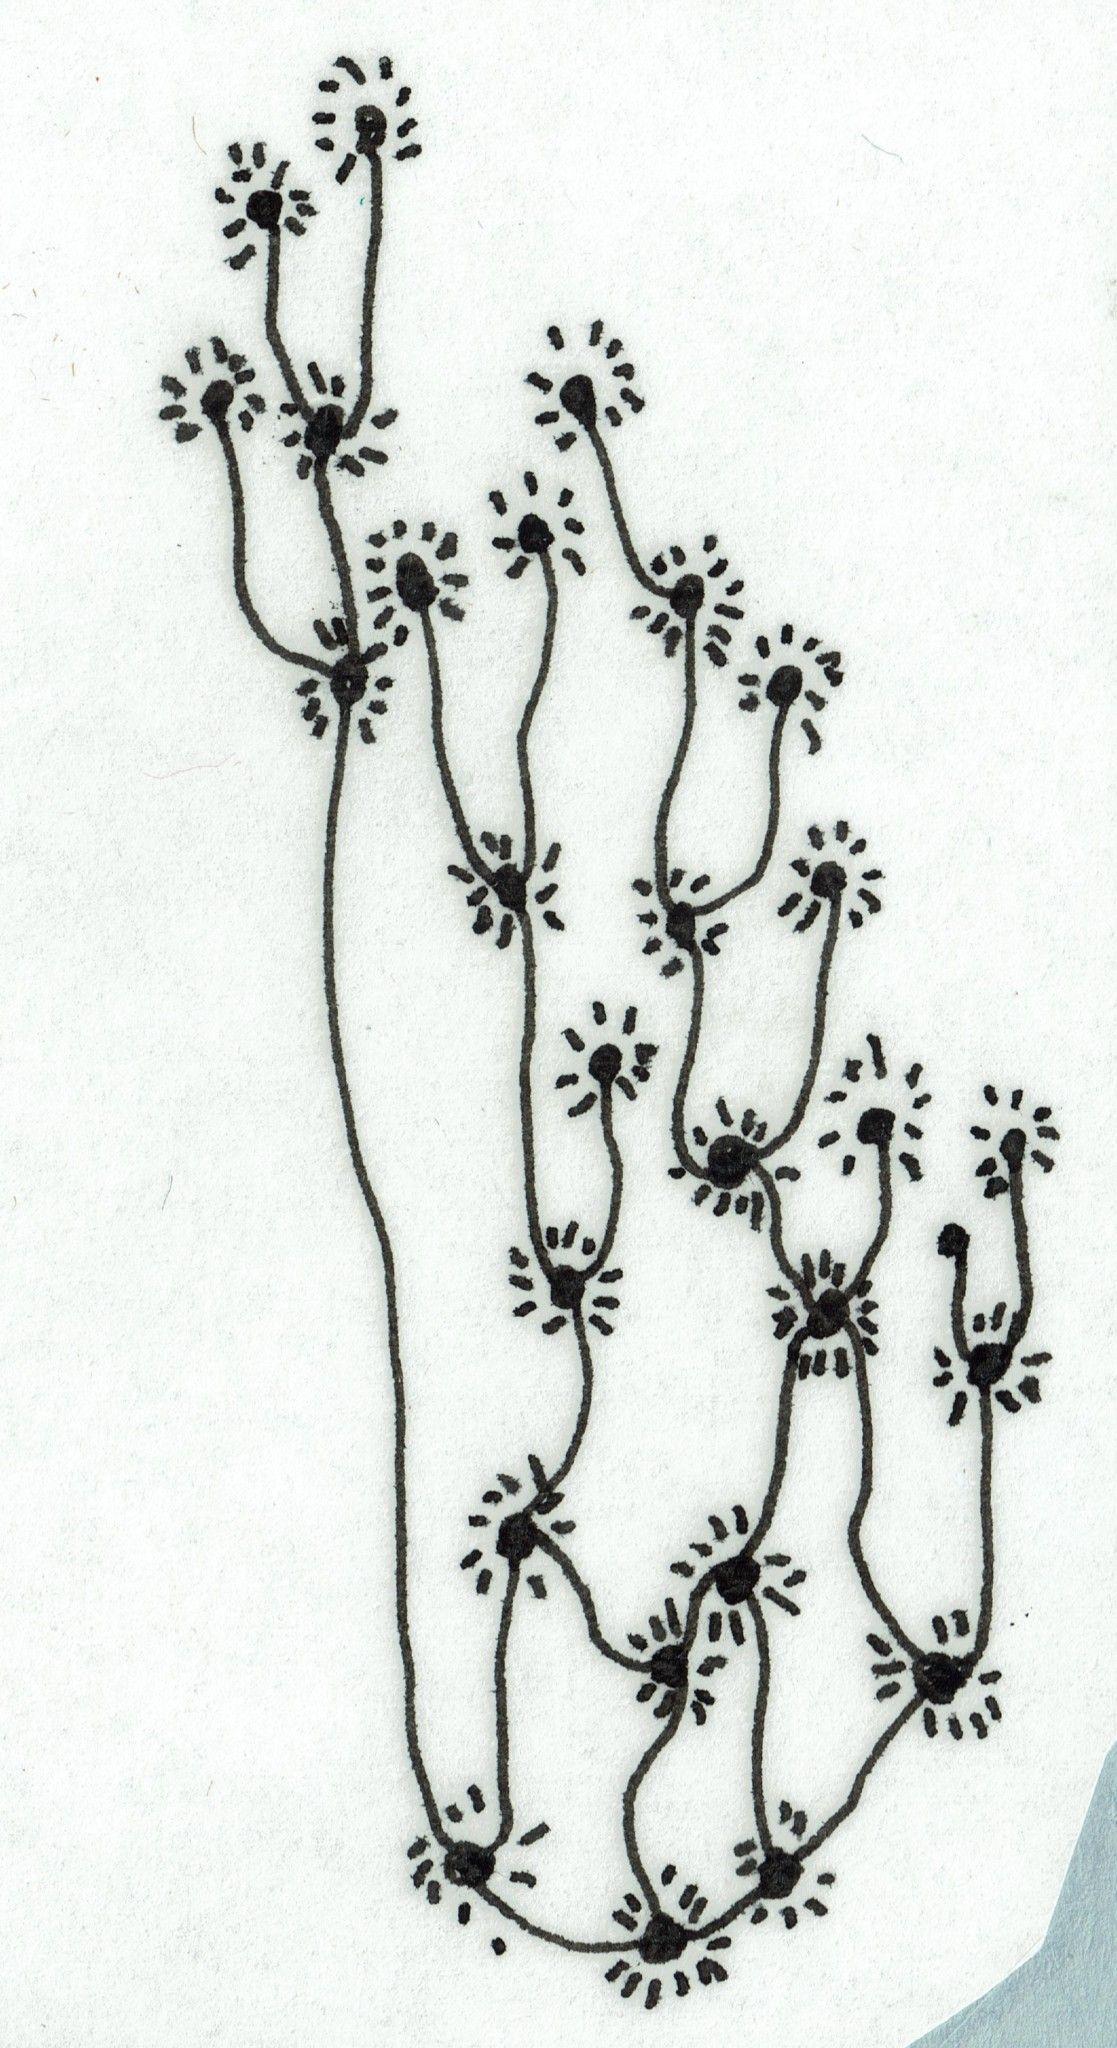 Flores luminiscentes